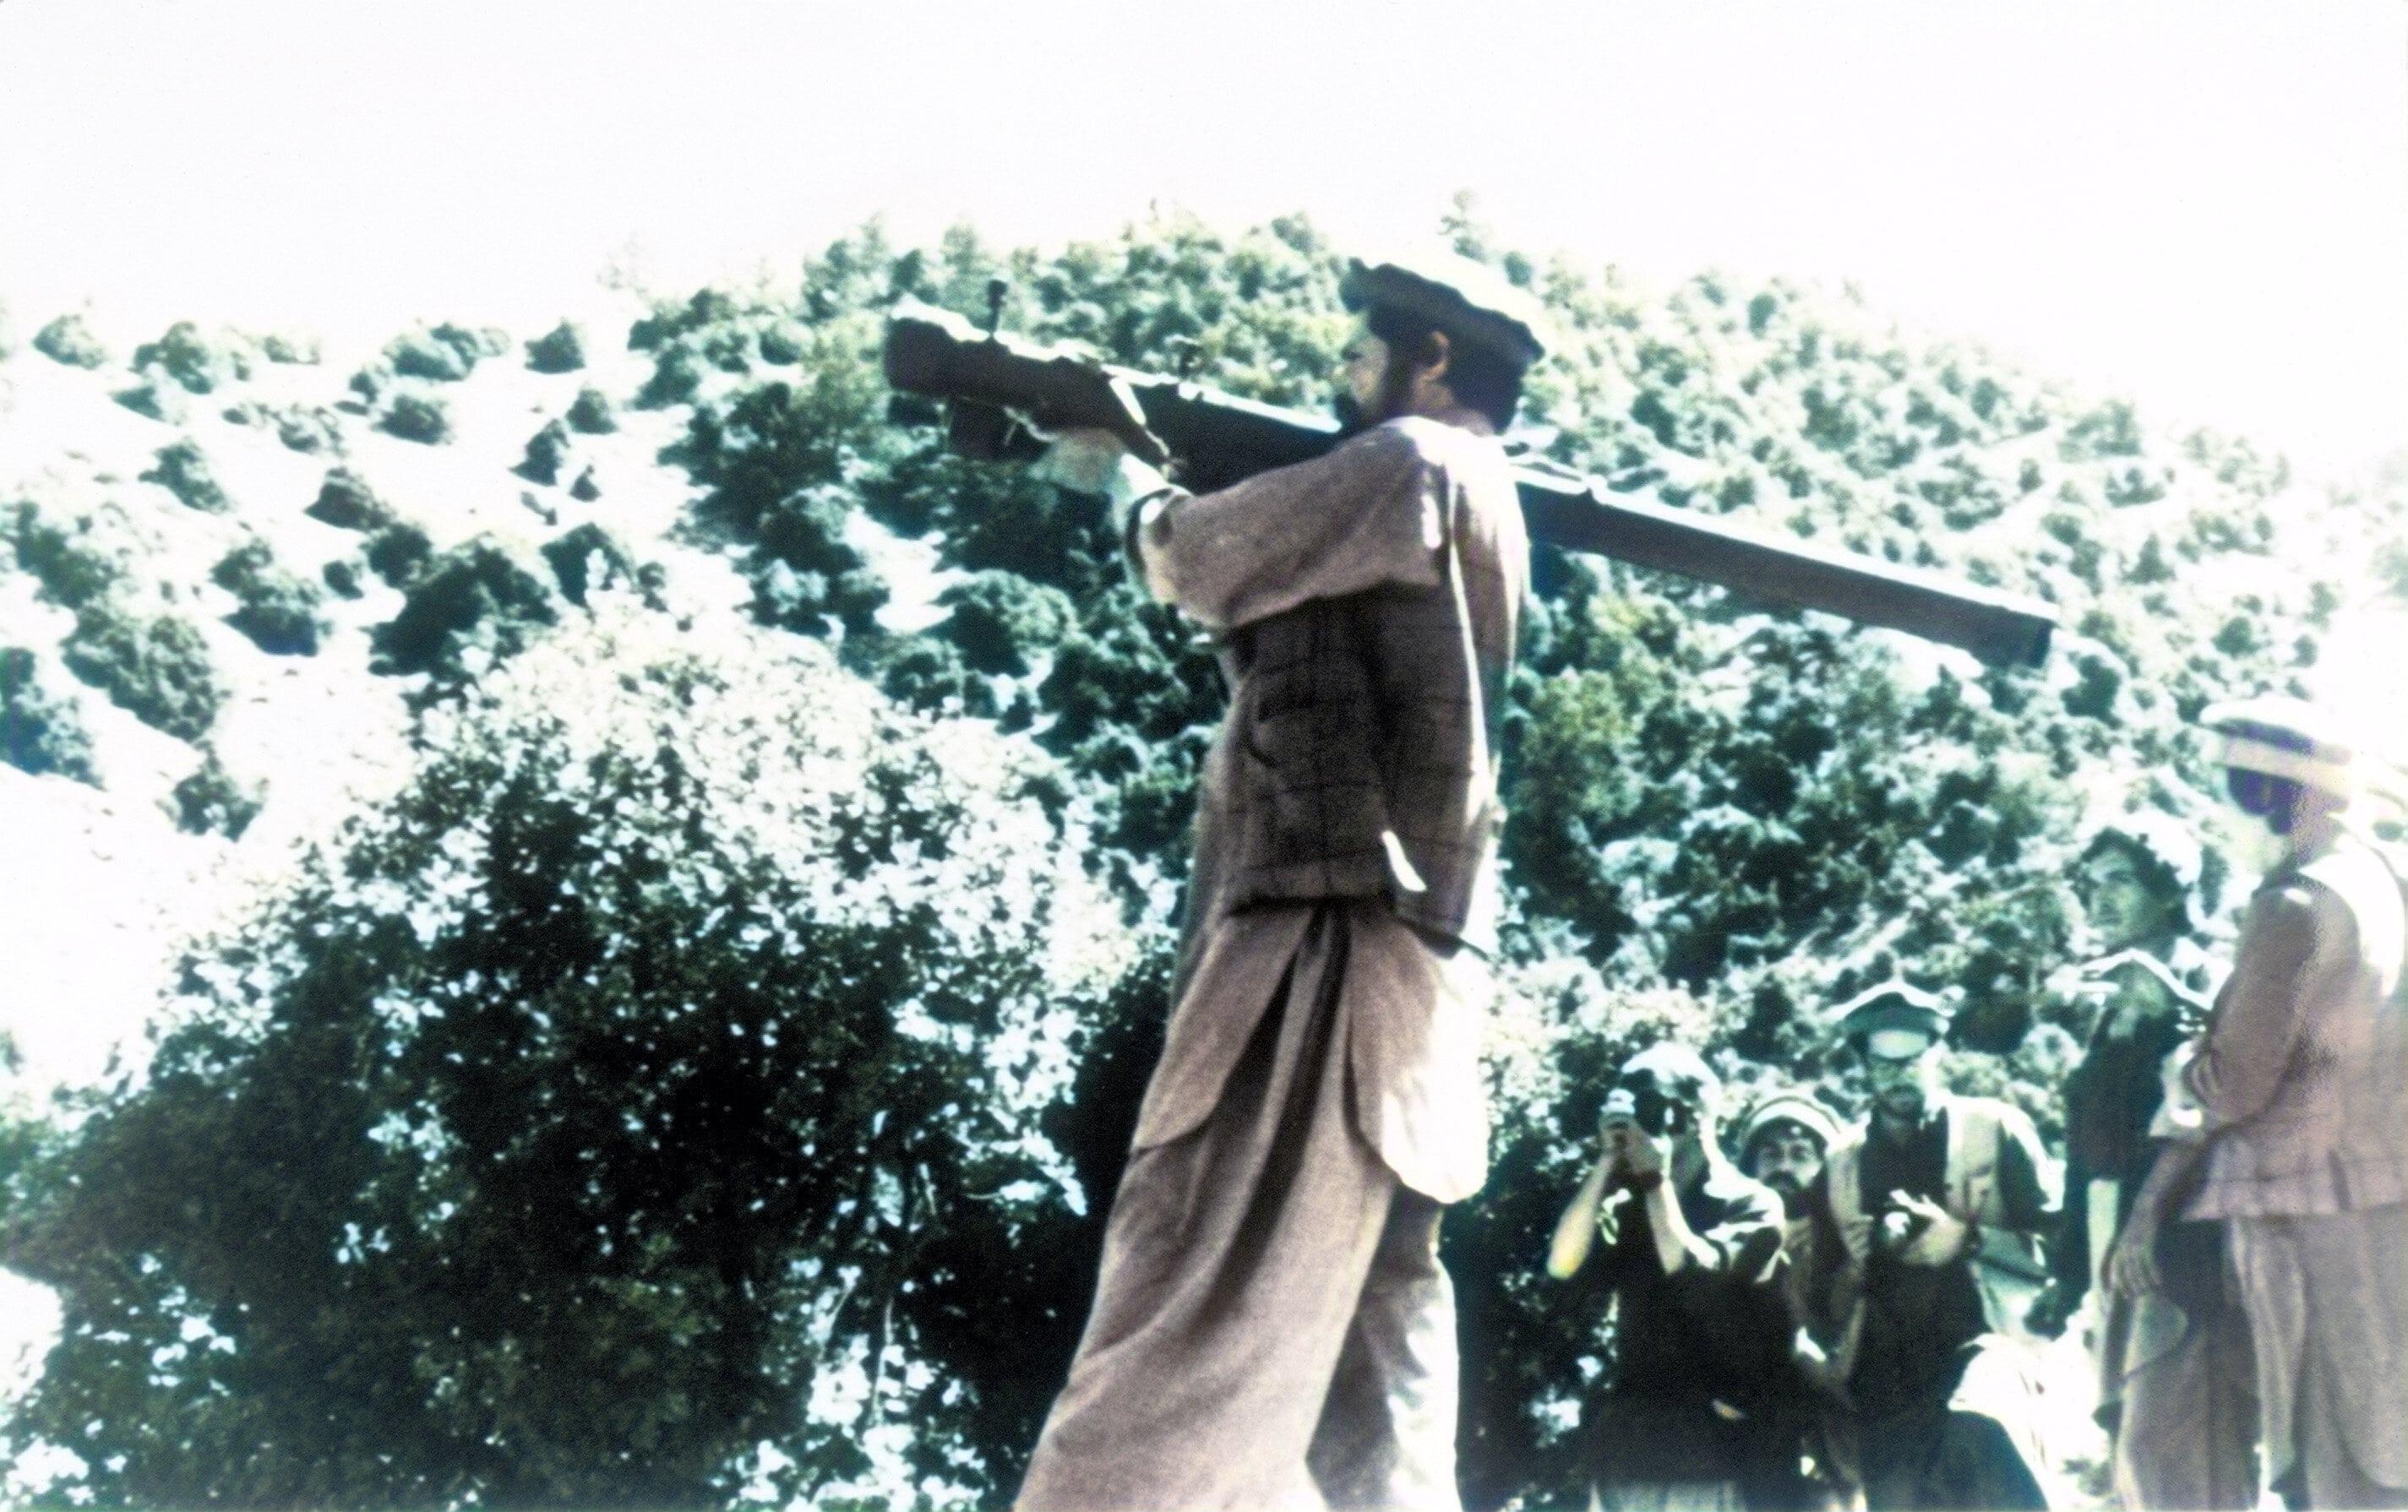 https://upload.wikimedia.org/wikipedia/commons/5/50/Mujahid-MANPAD.JPEG